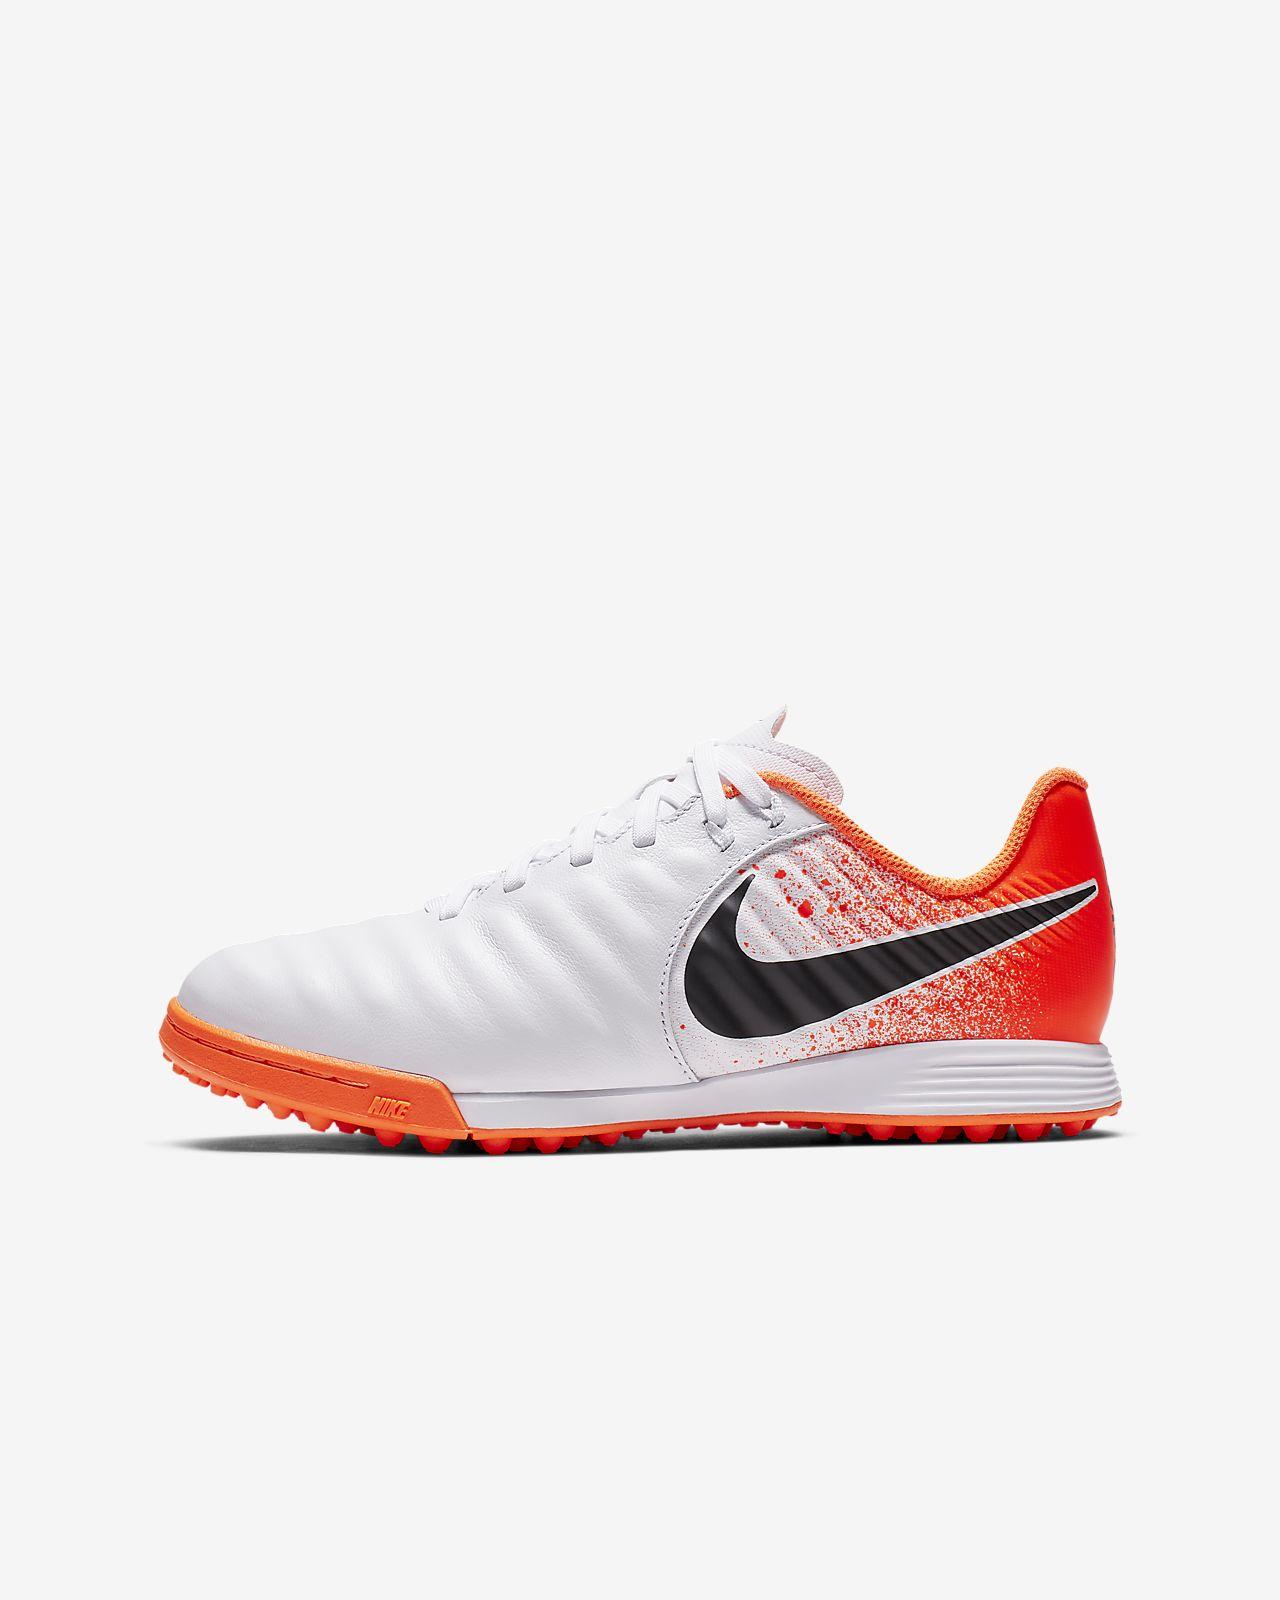 9d27802840608 ... Kopačka na umělou trávu Nike Jr. Tiempo Legend VII Academy TF pro malé  i větší